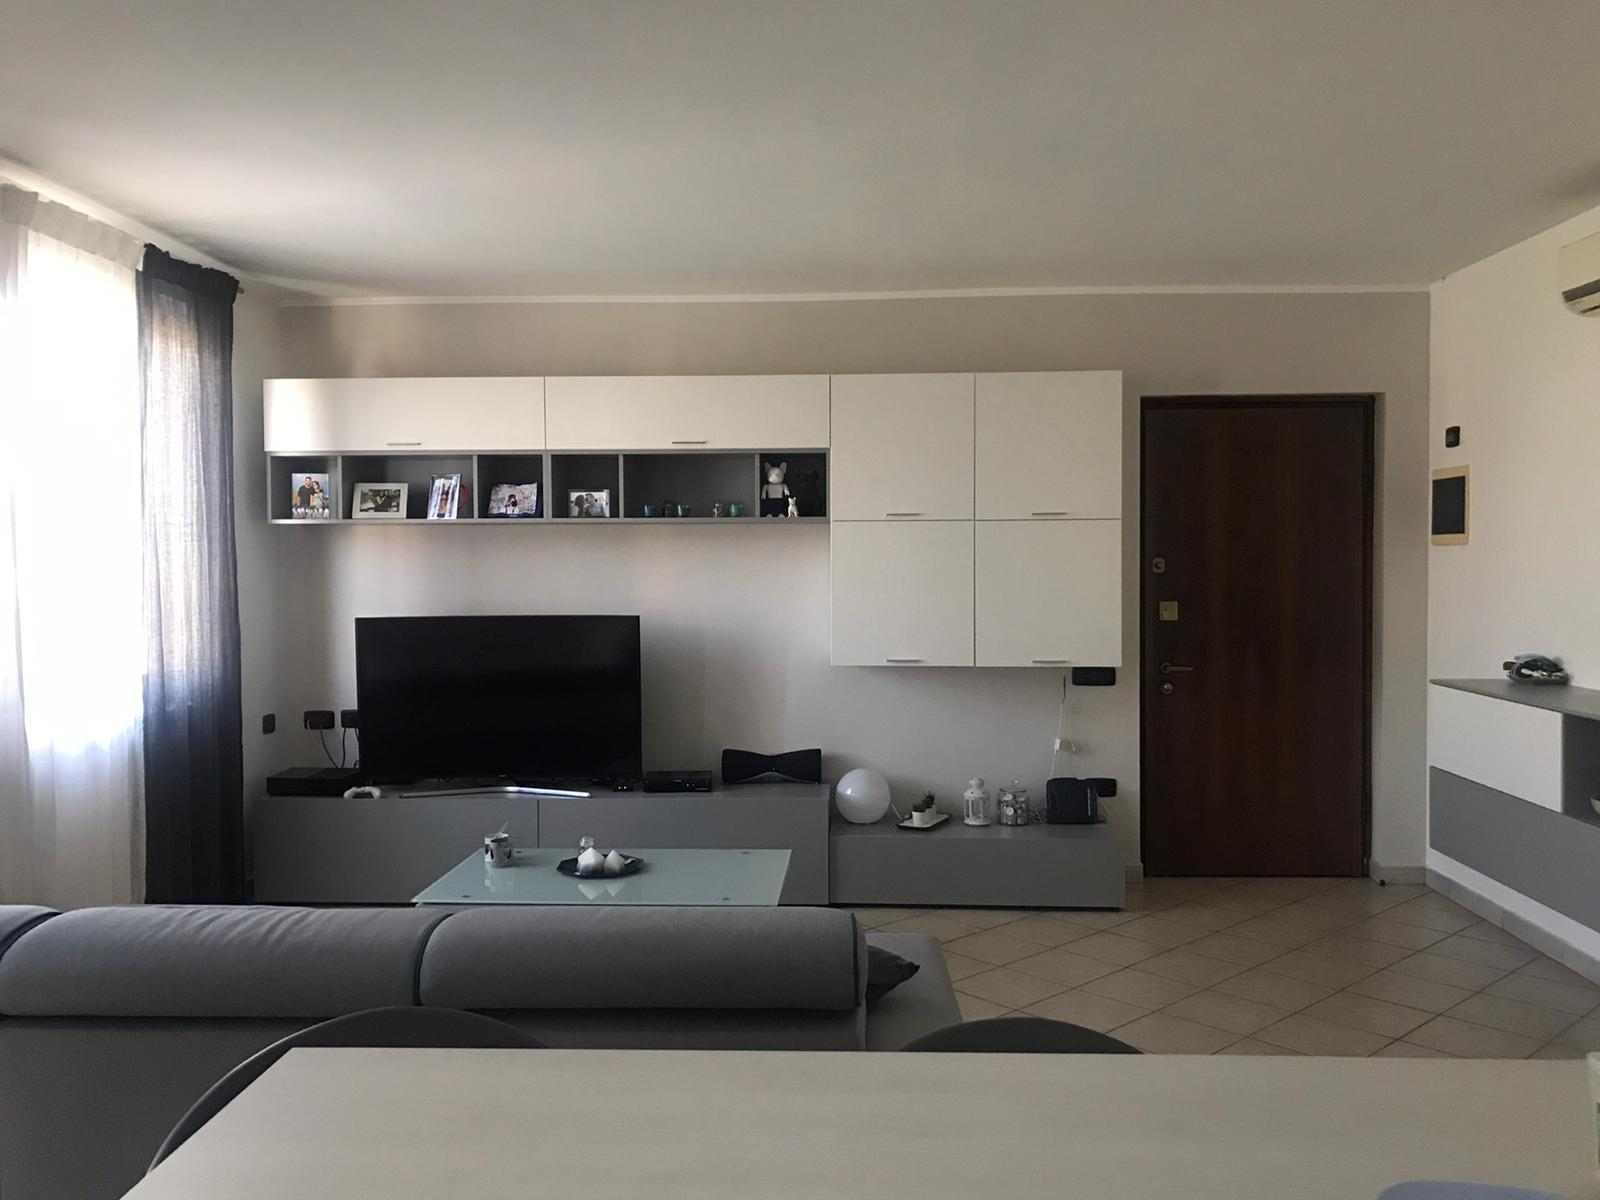 appartamento-in-vendita-3-locali-san-senone-al-lambro-trilocale-spaziourbano-immobiliare-vende-6